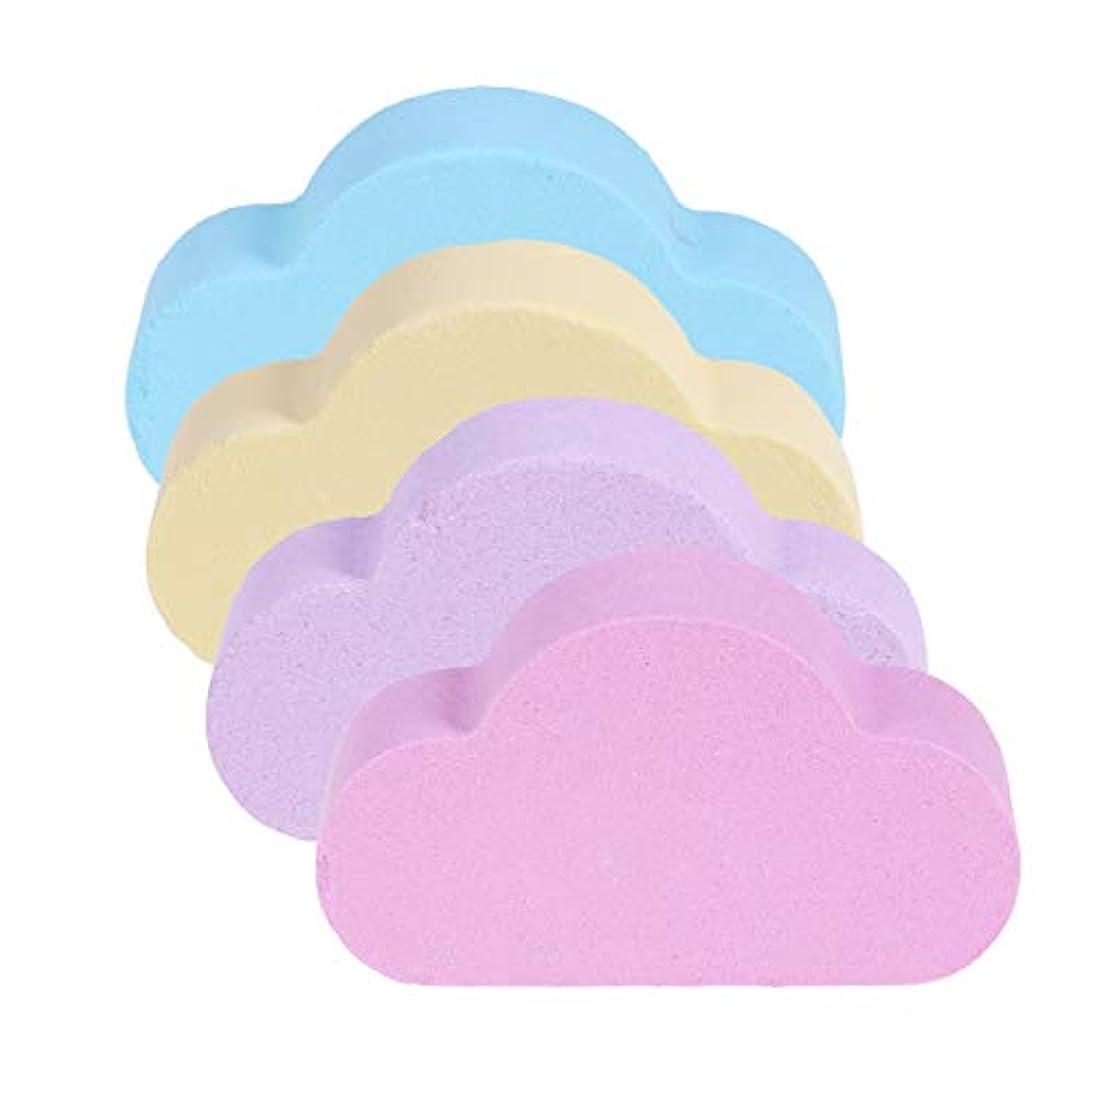 SUPVOX 4本入浴爆弾エッセンシャルオイルクラウドシェイプ塩バブル家庭用スキンケア風呂用品用バブルスパ風呂ギフト(カラフル)